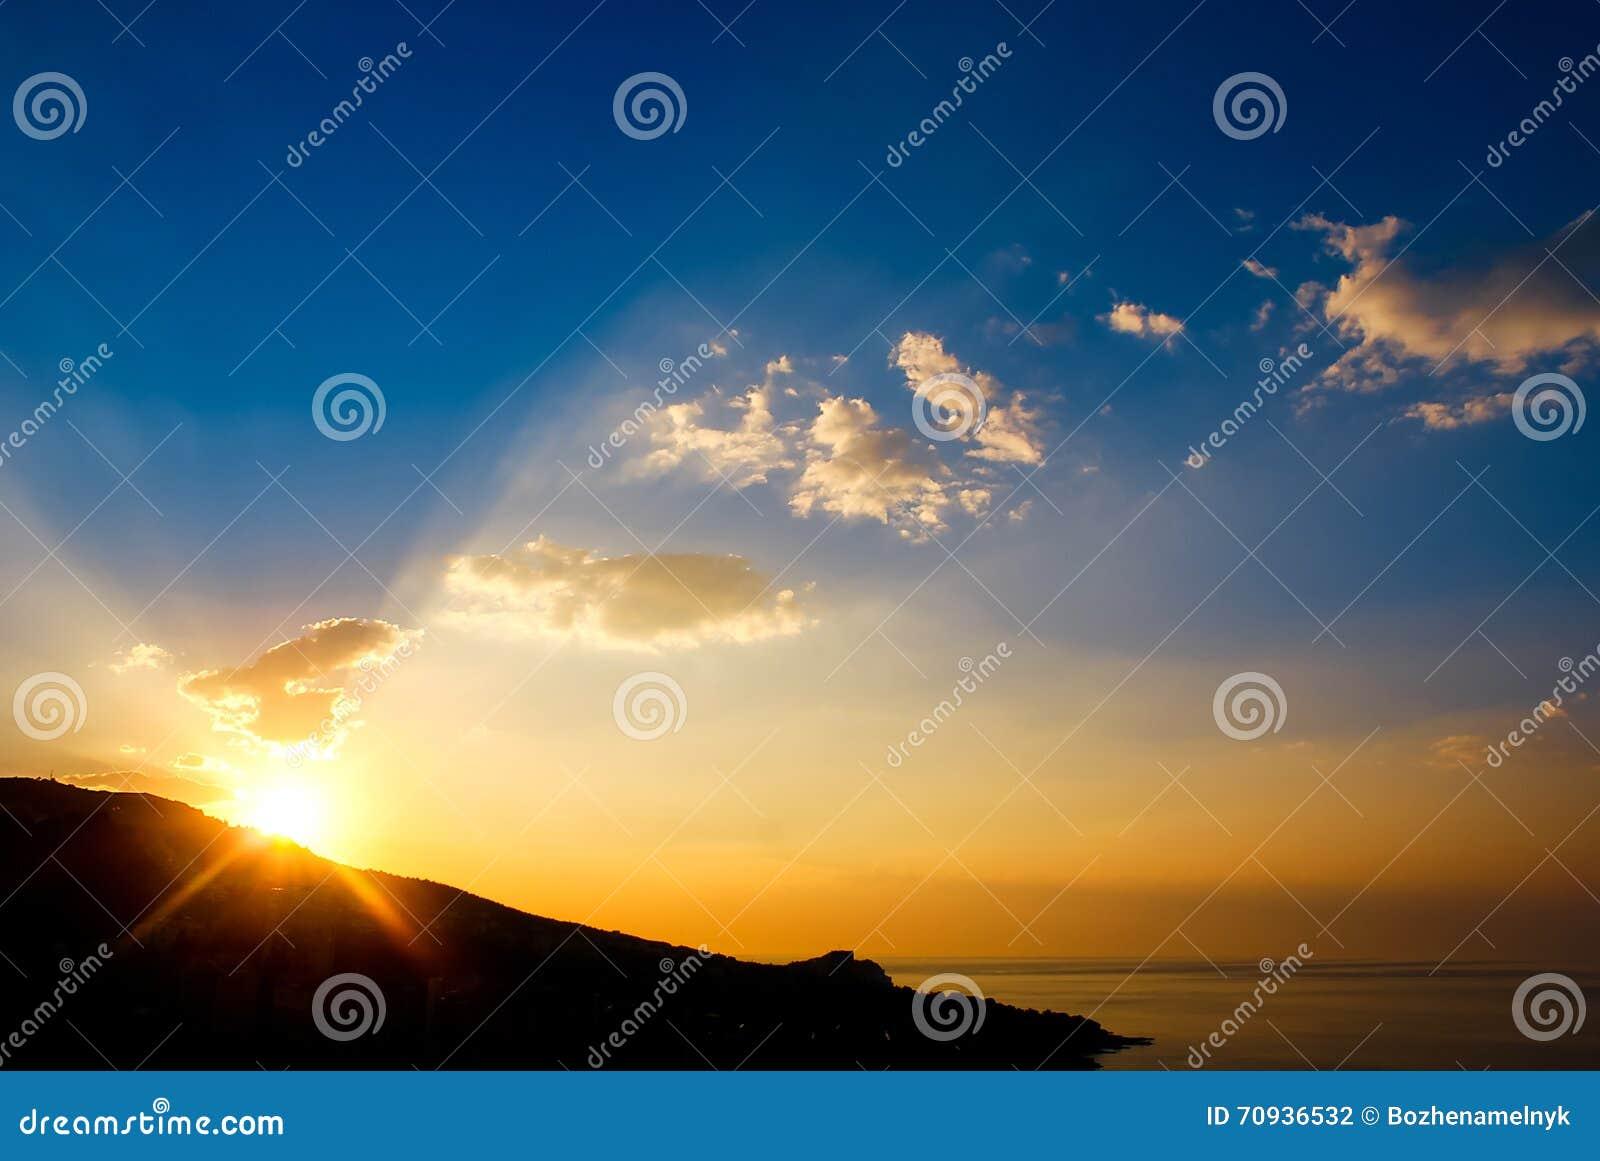 Vroege ochtend, zonsopgang over berg Schilderachtige mening van mooie zonsopgang in de Zwarte Zee Gouden overzees zonsopganglands